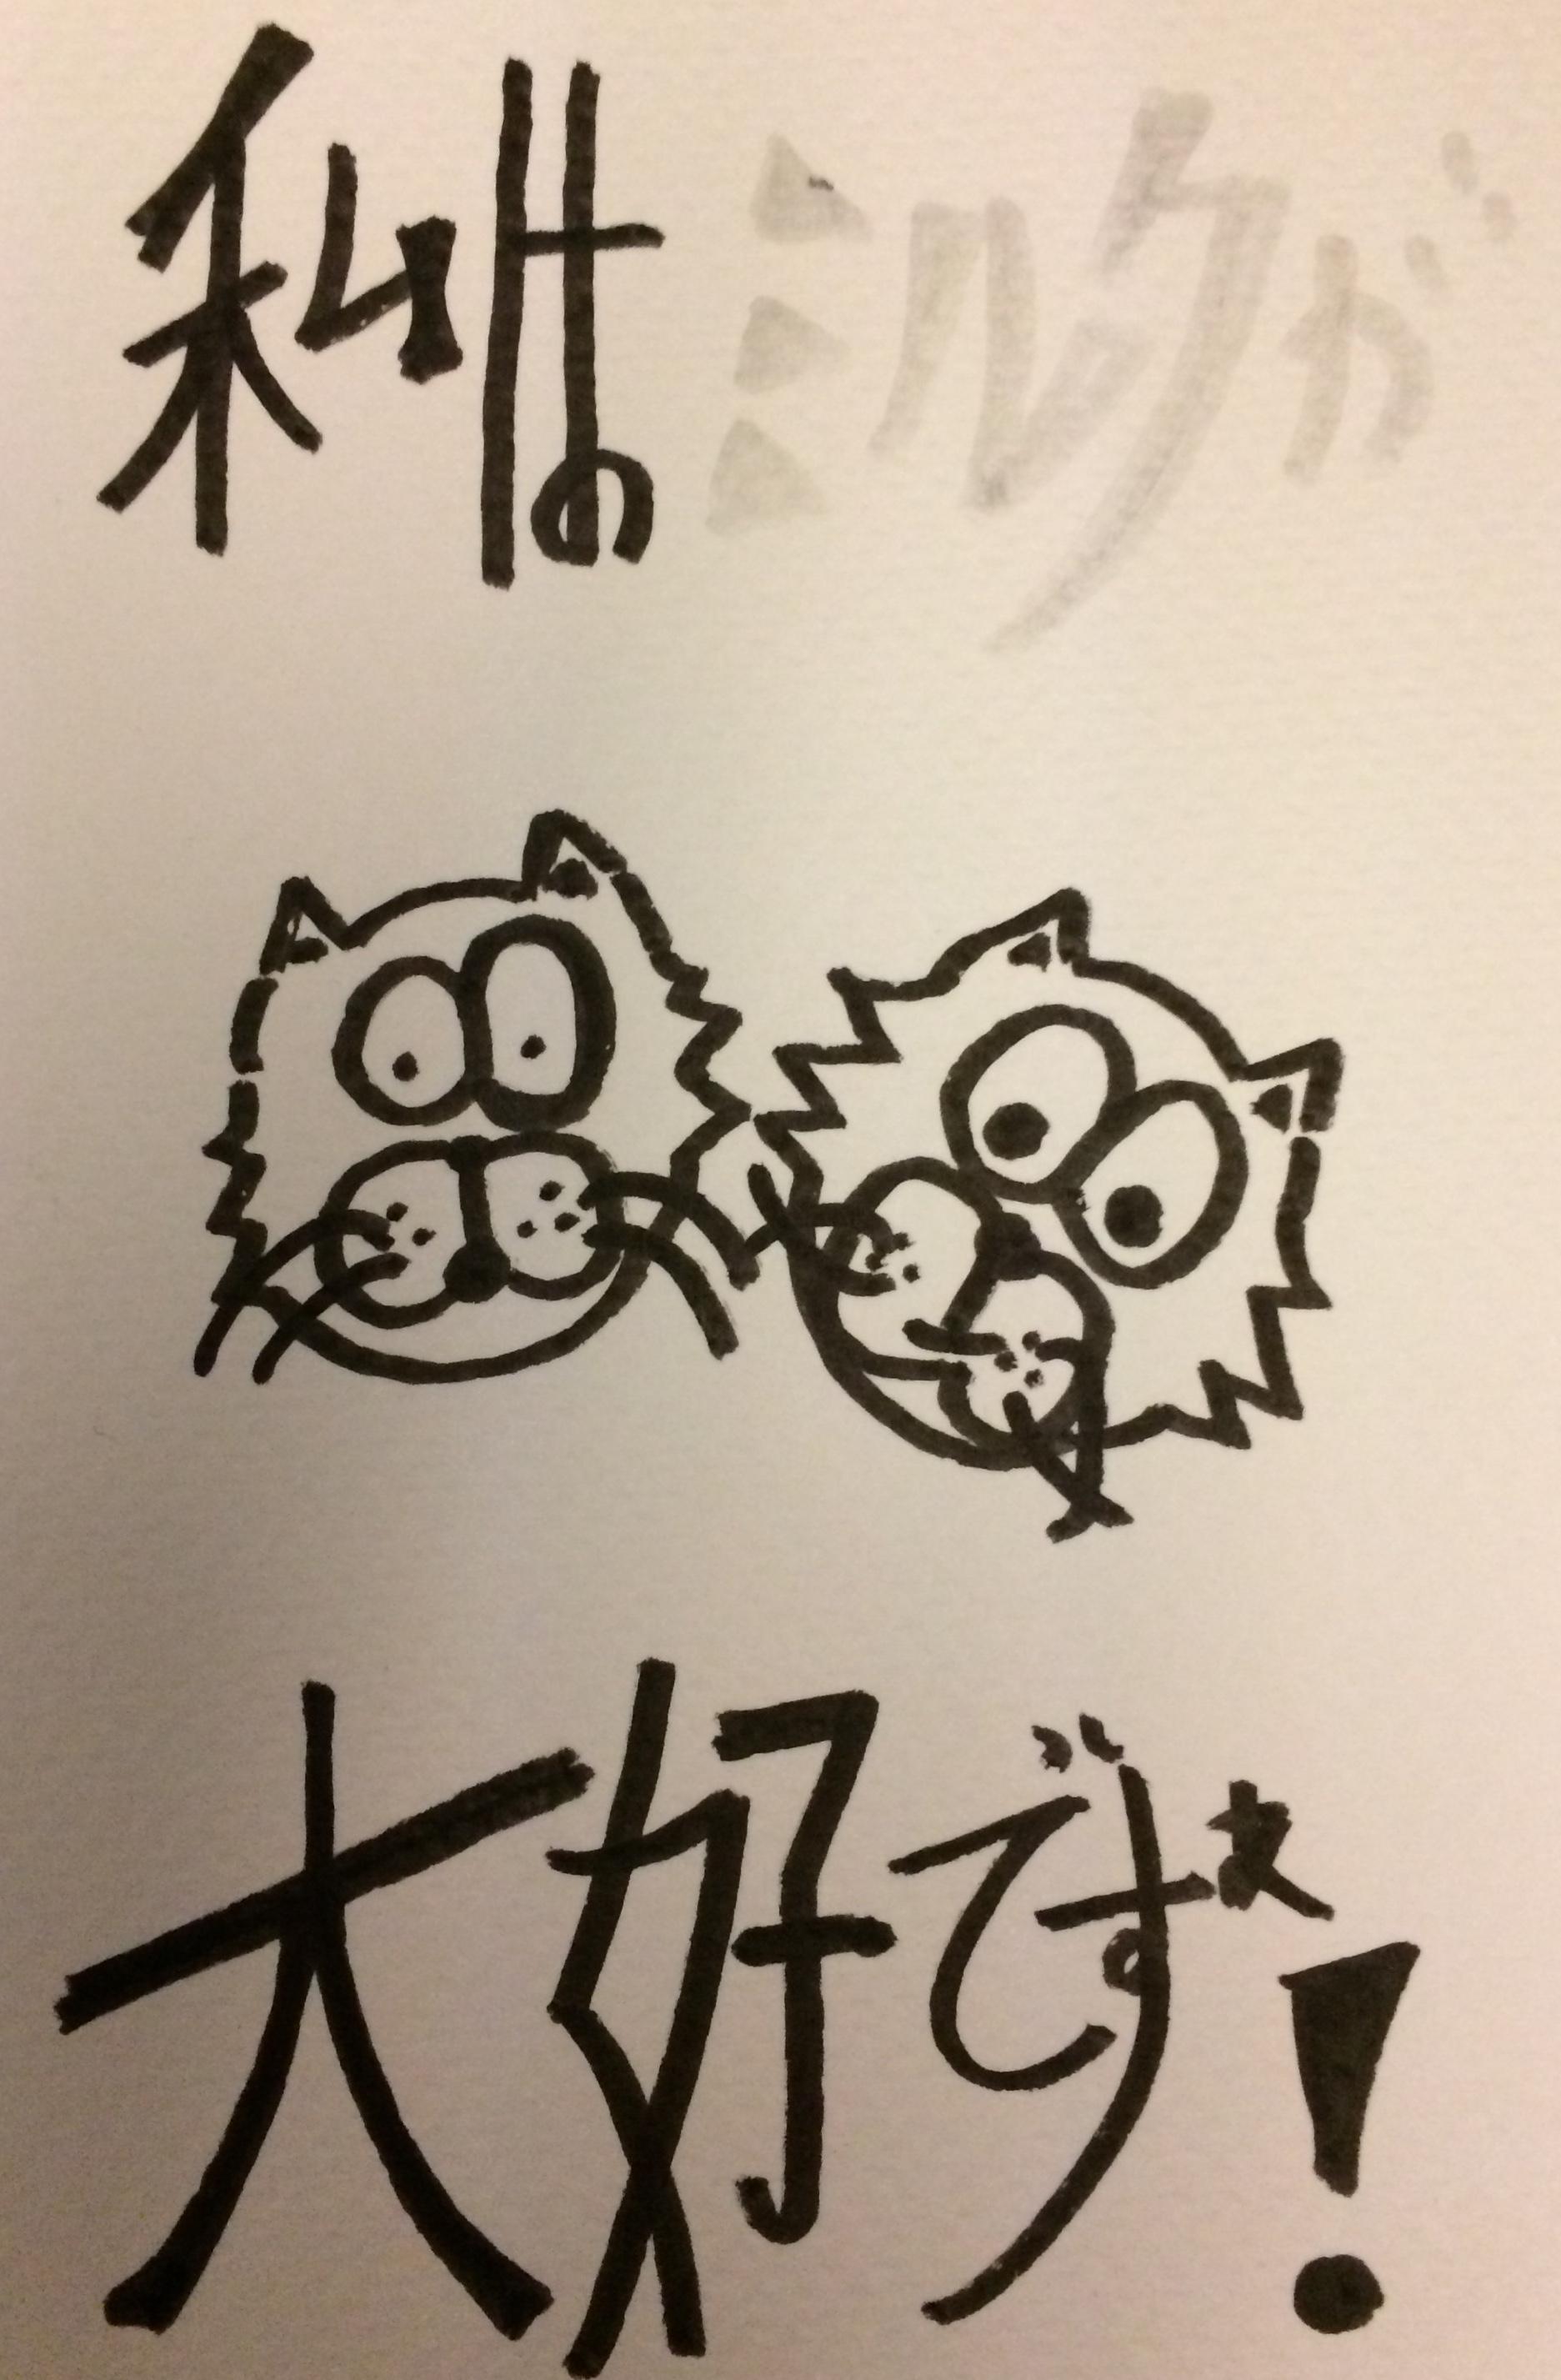 私はミルク大好きですね かわいい ドイツ語 仔猫 描く コミックス comics kitten kätzchen drawing ink 2